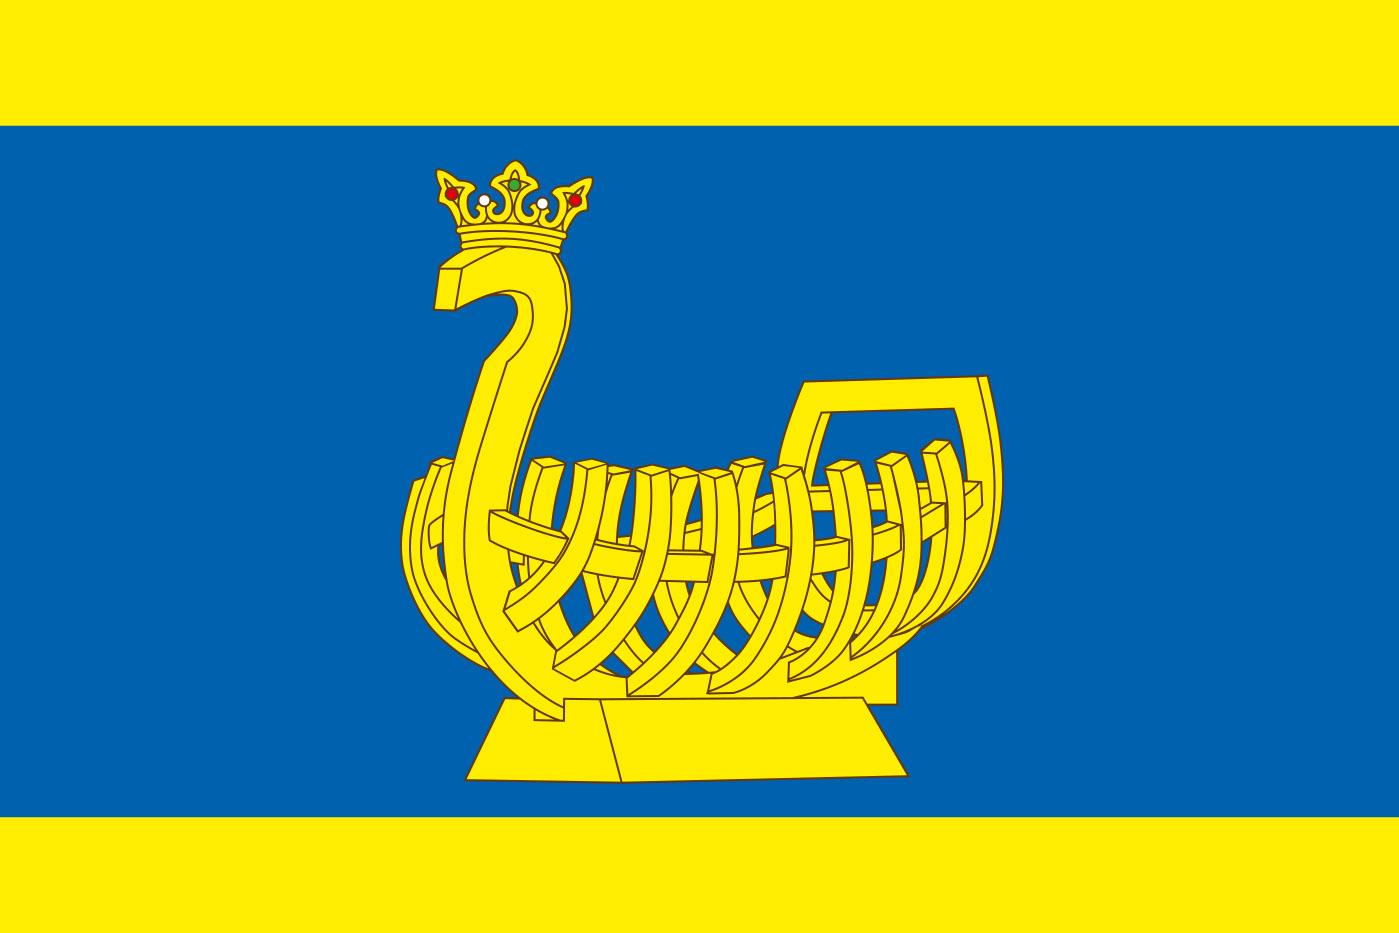 Флаг Касимова